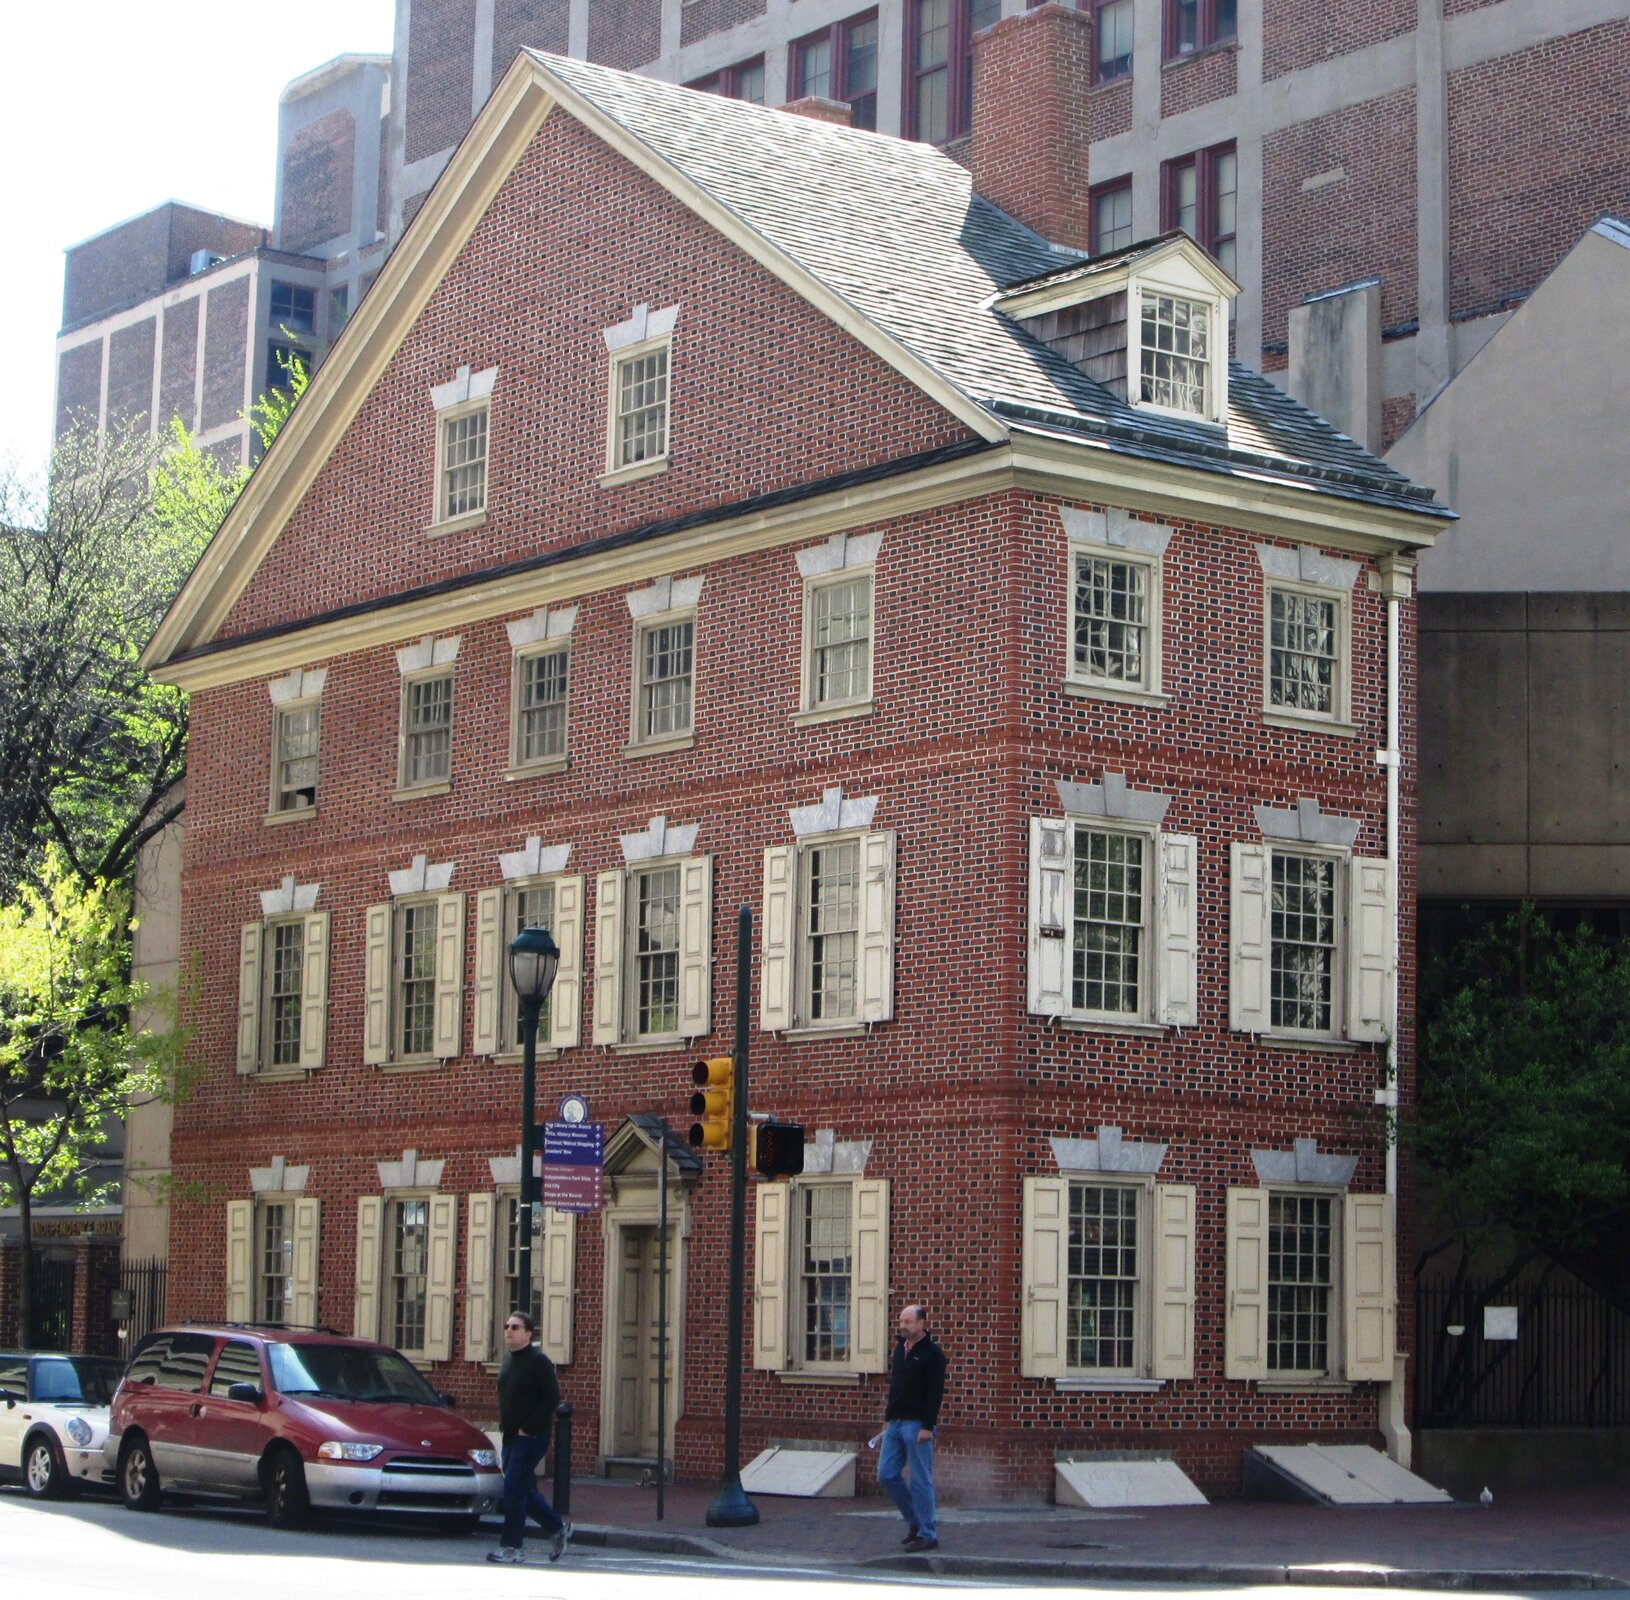 Declaration House wFiladelfii (nazywany też Graff House) Declaration House wFiladelfii (nazywany też Graff House) Źródło: Beyond My Ken, Wikimedia Commons, licencja: CC BY-SA 4.0.